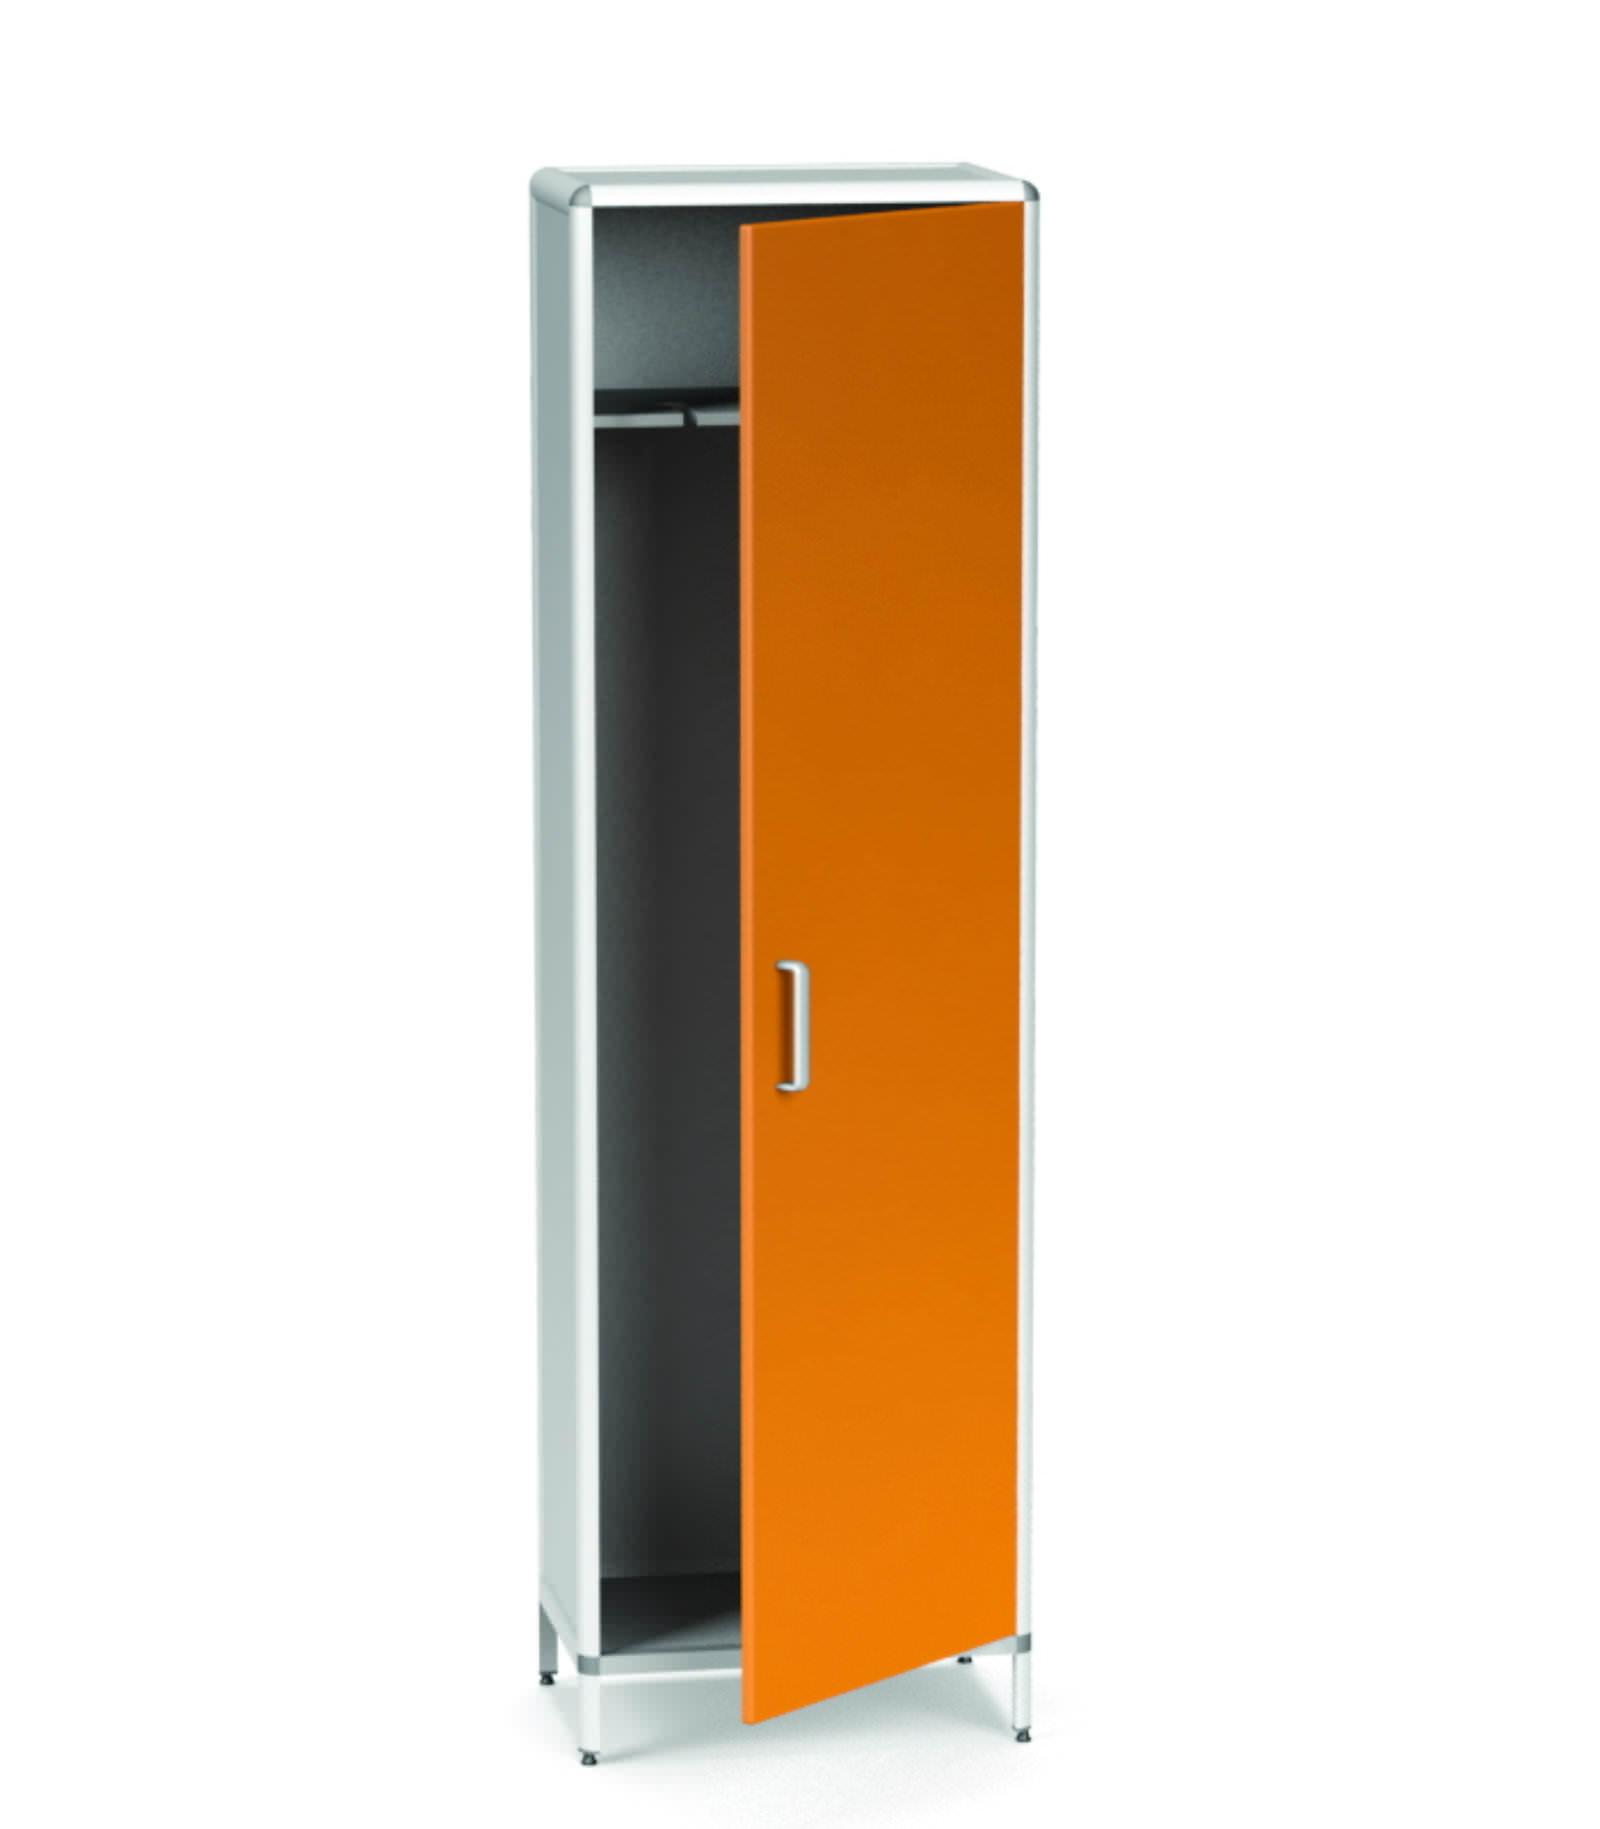 Шкаф для хранения эндоскопов ДМ-2-001-36